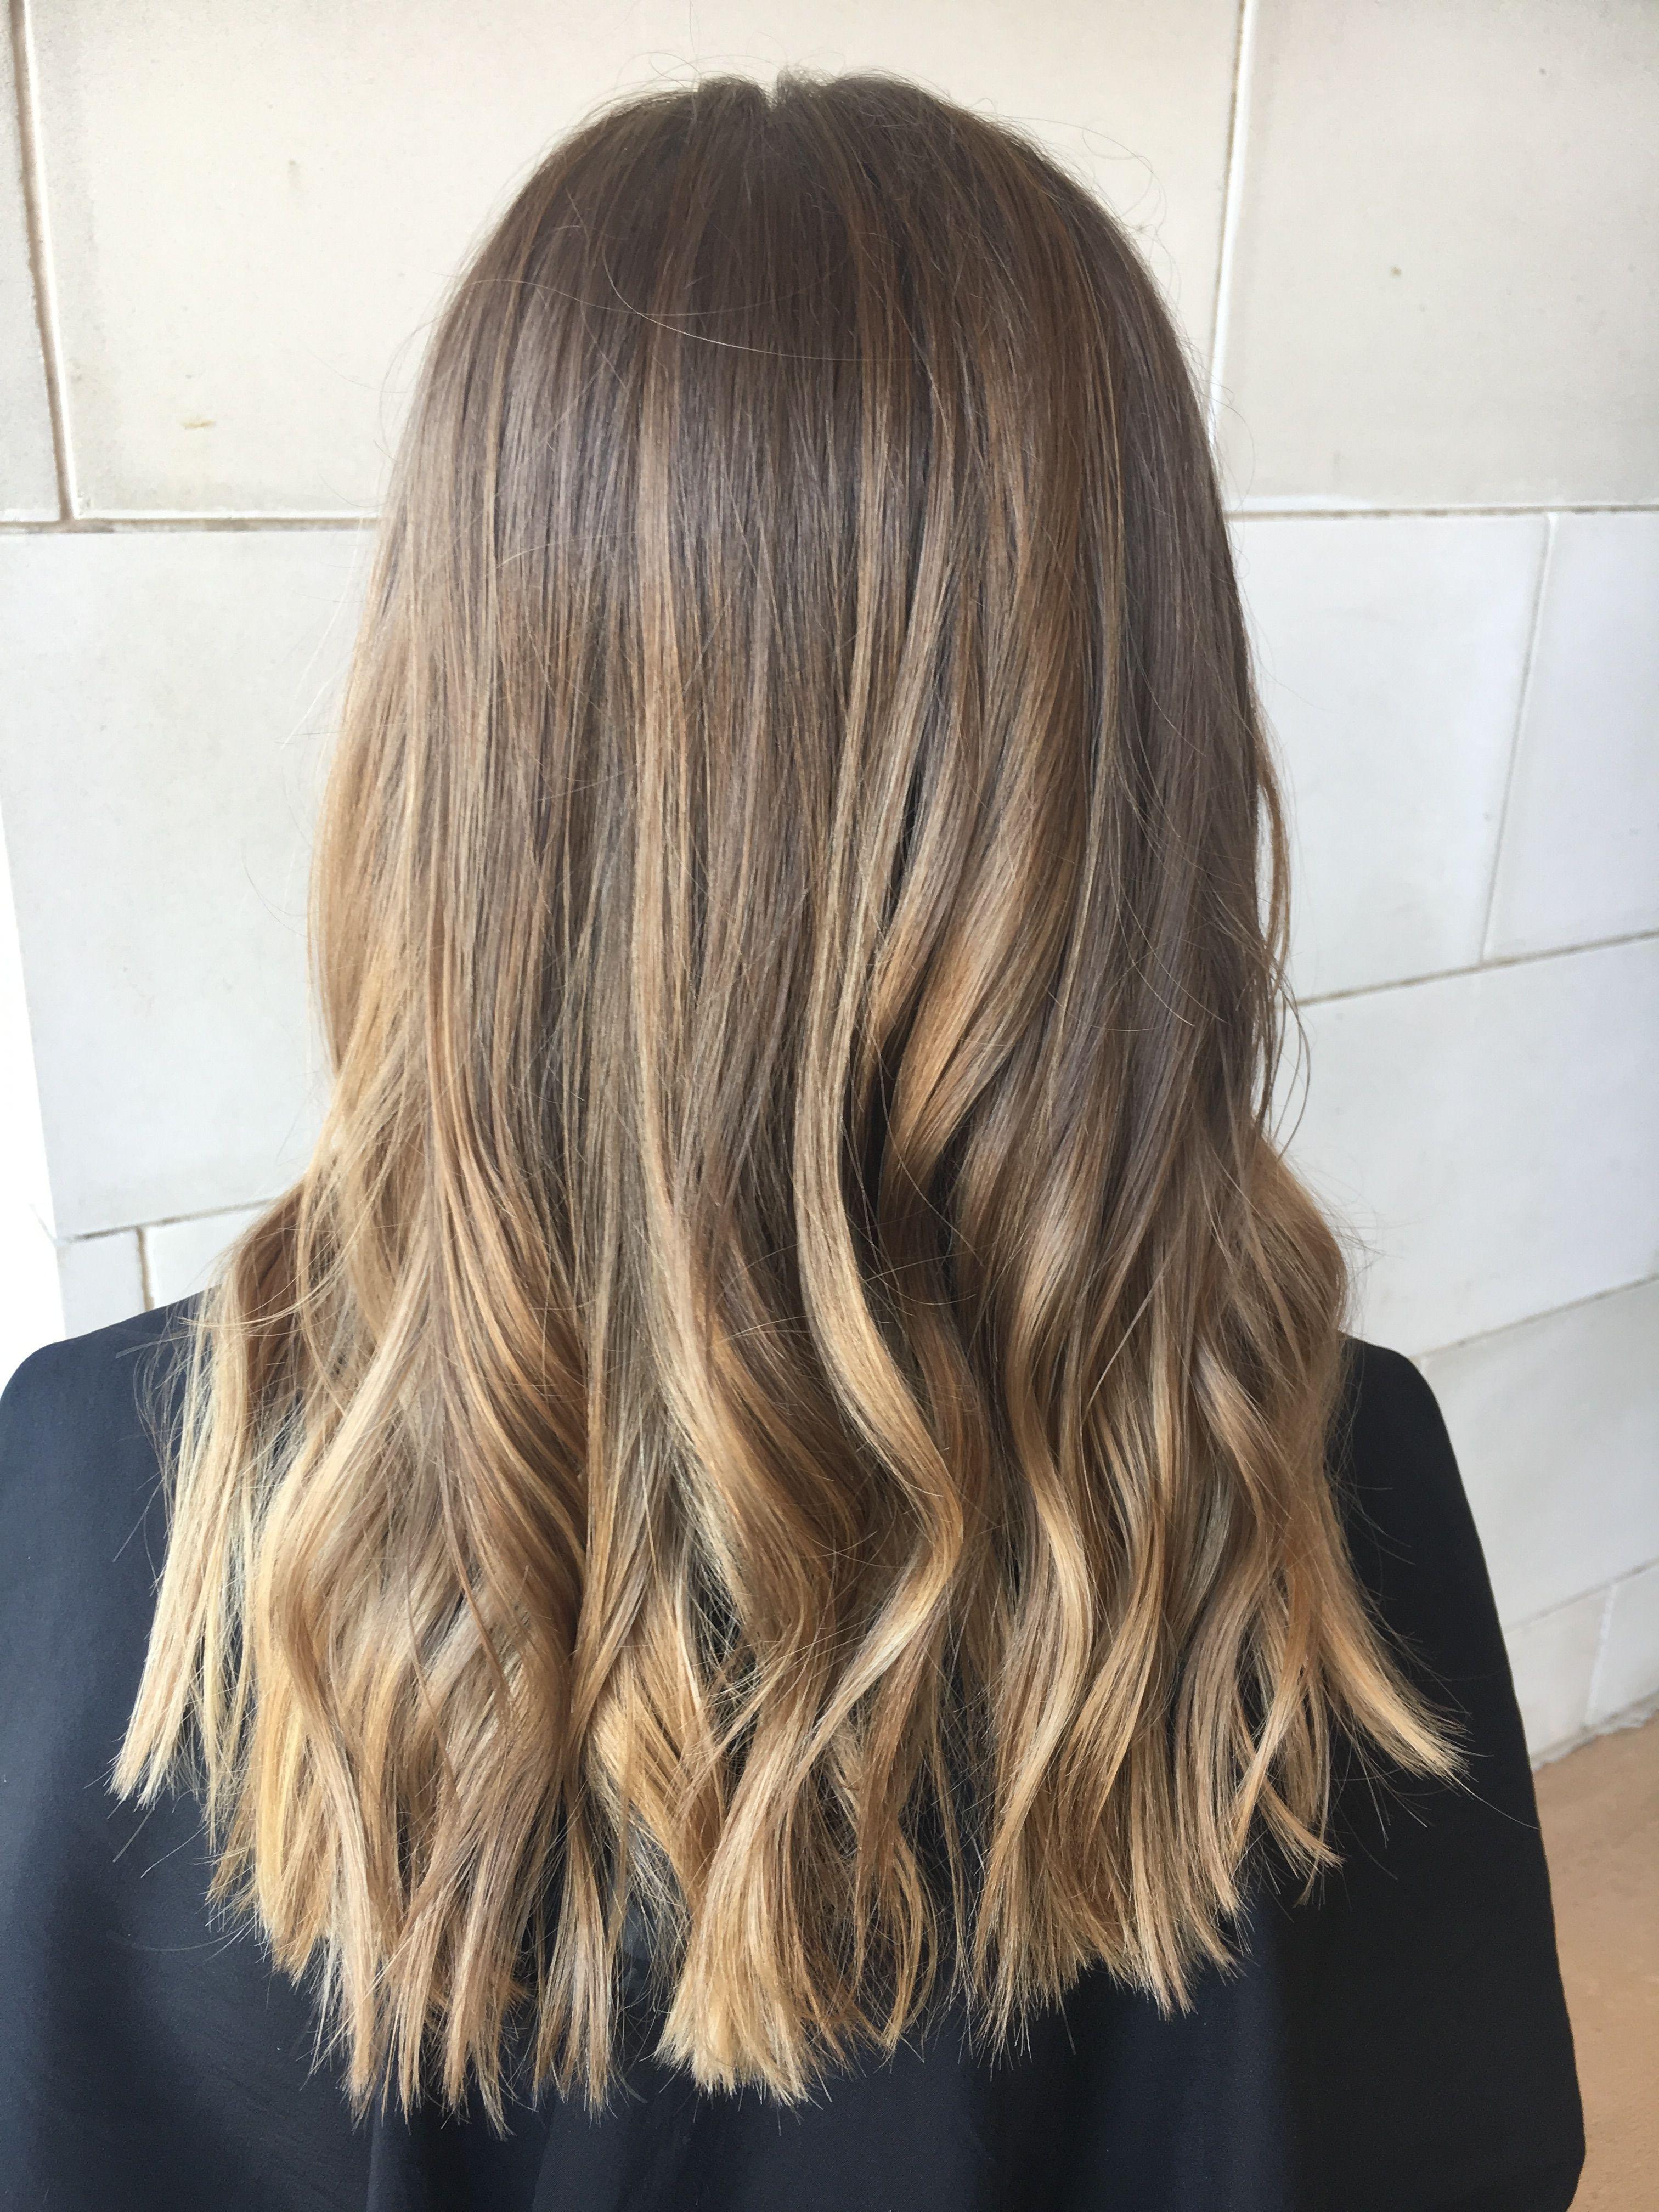 Brown To Blonde Balayage Medium Length Hair In 2020 Medium Length Hair Styles Brown Hair Balayage Ombre Hair Blonde